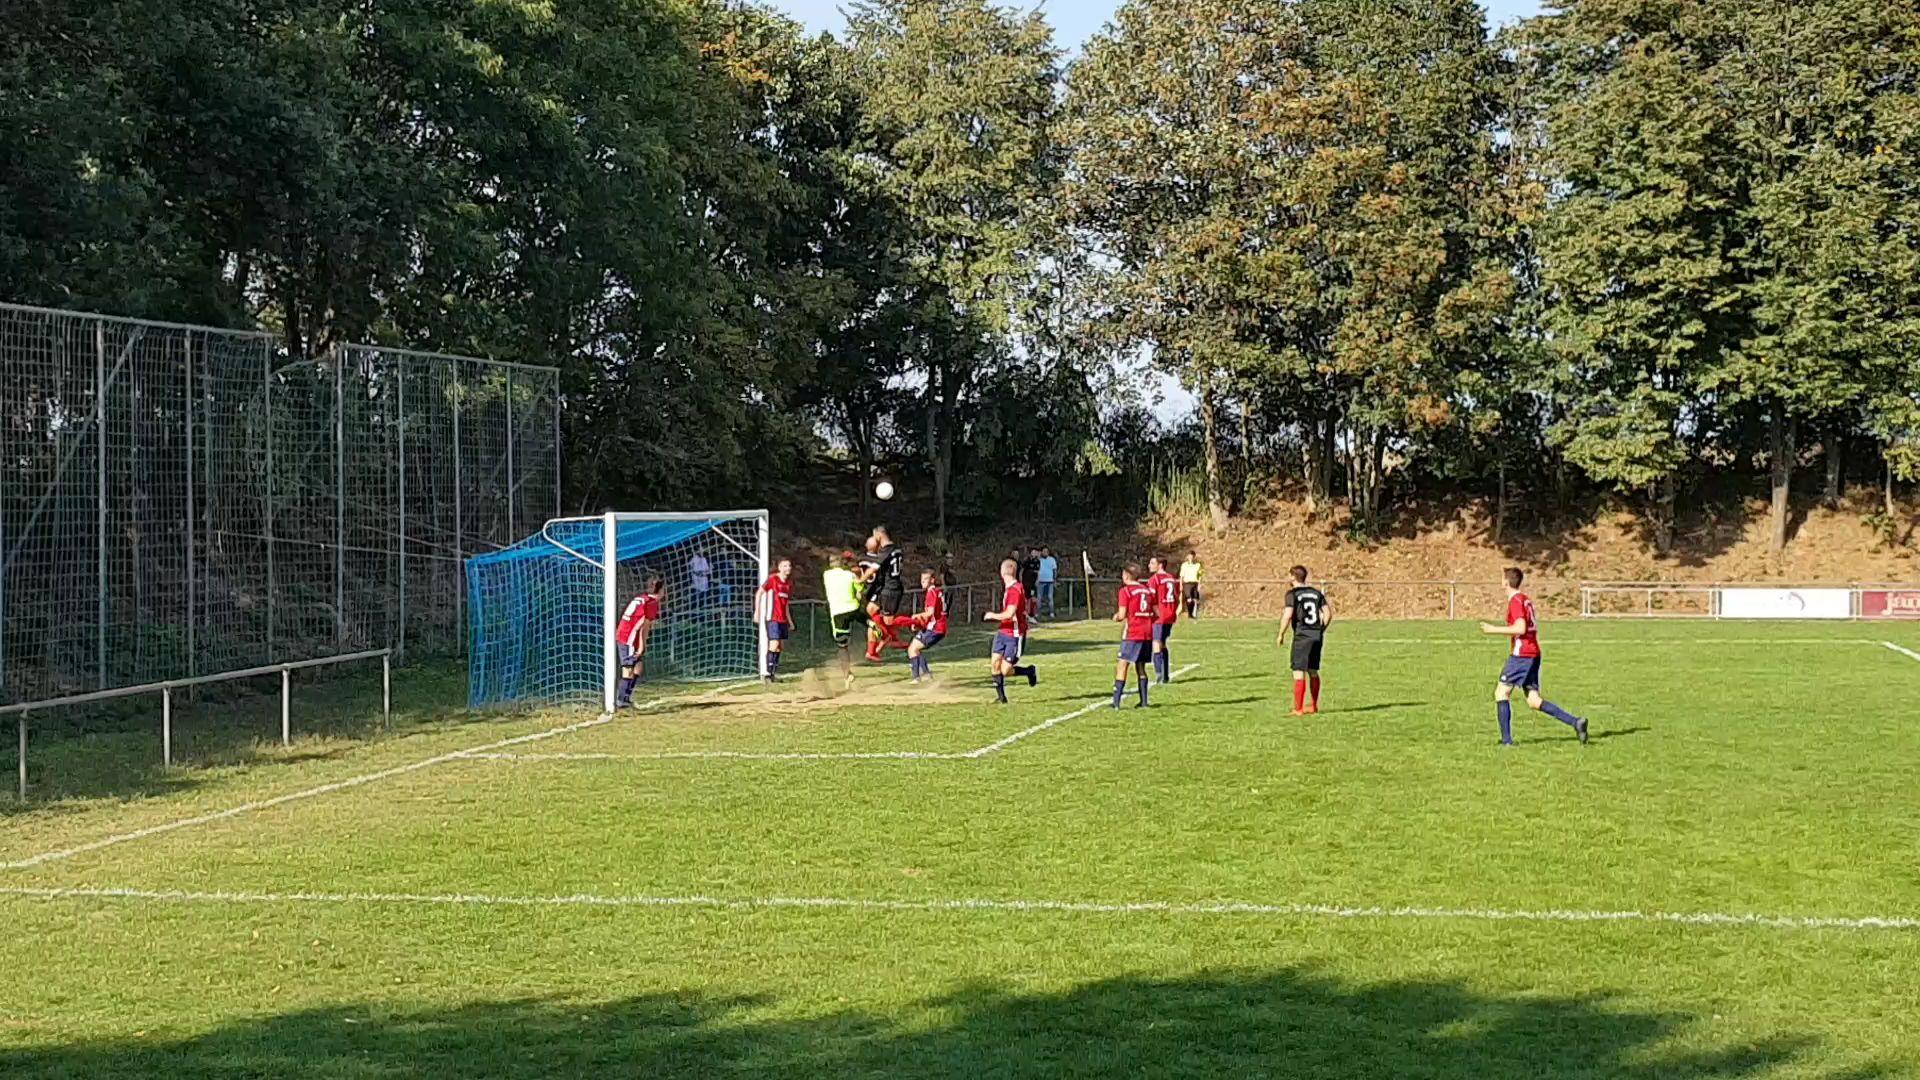 Ay-Yildiz gegen SVG Birgden-Langbroich-Schierwaldenrath sehr dominant